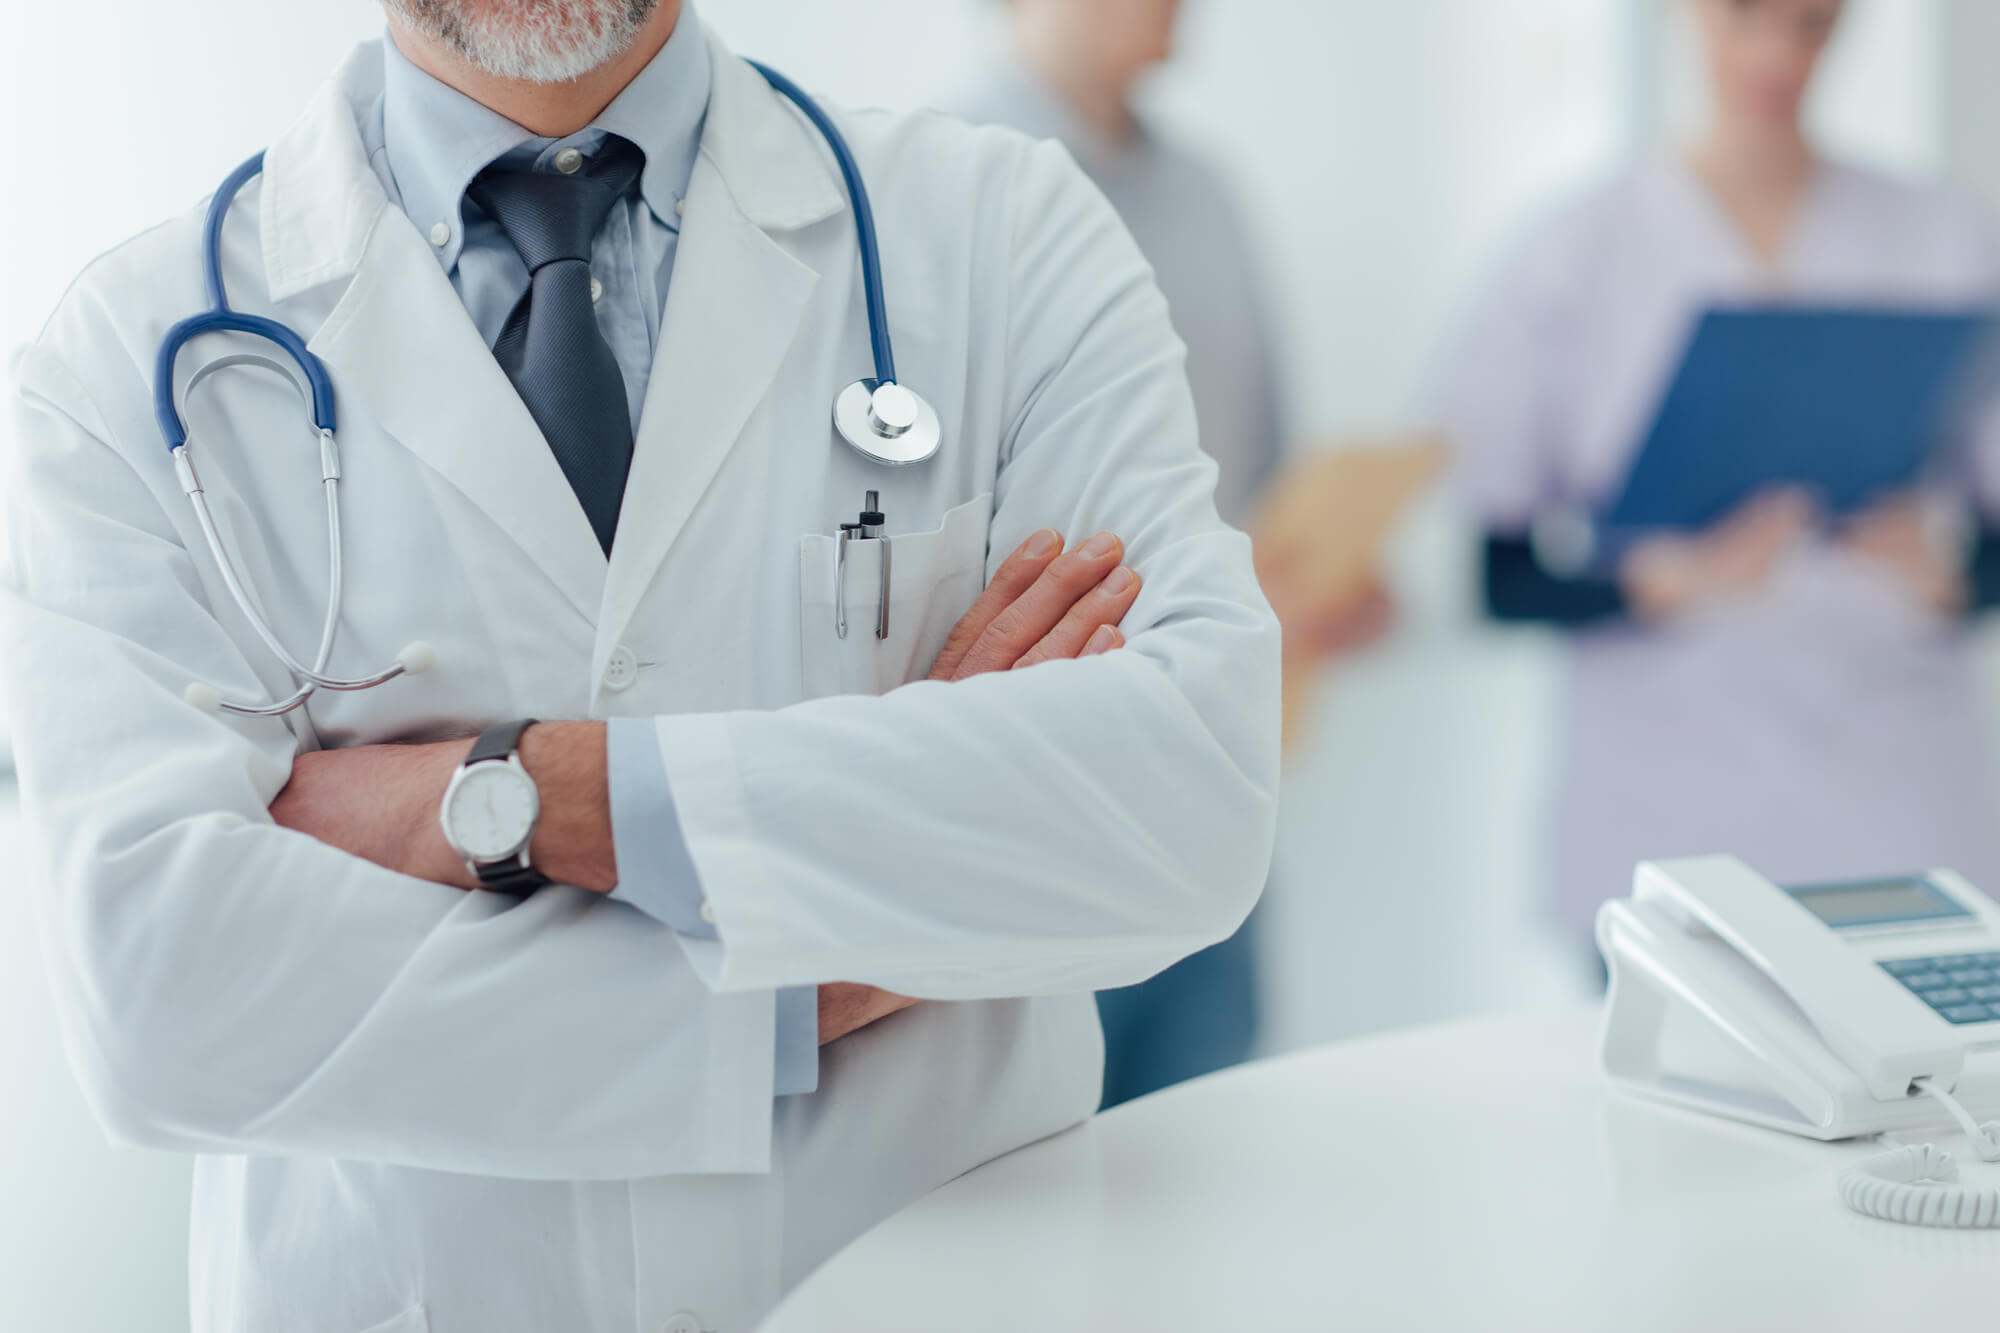 子宫肌瘤对怀孕的影响有哪些?肌瘤剔除术应如何做呢?